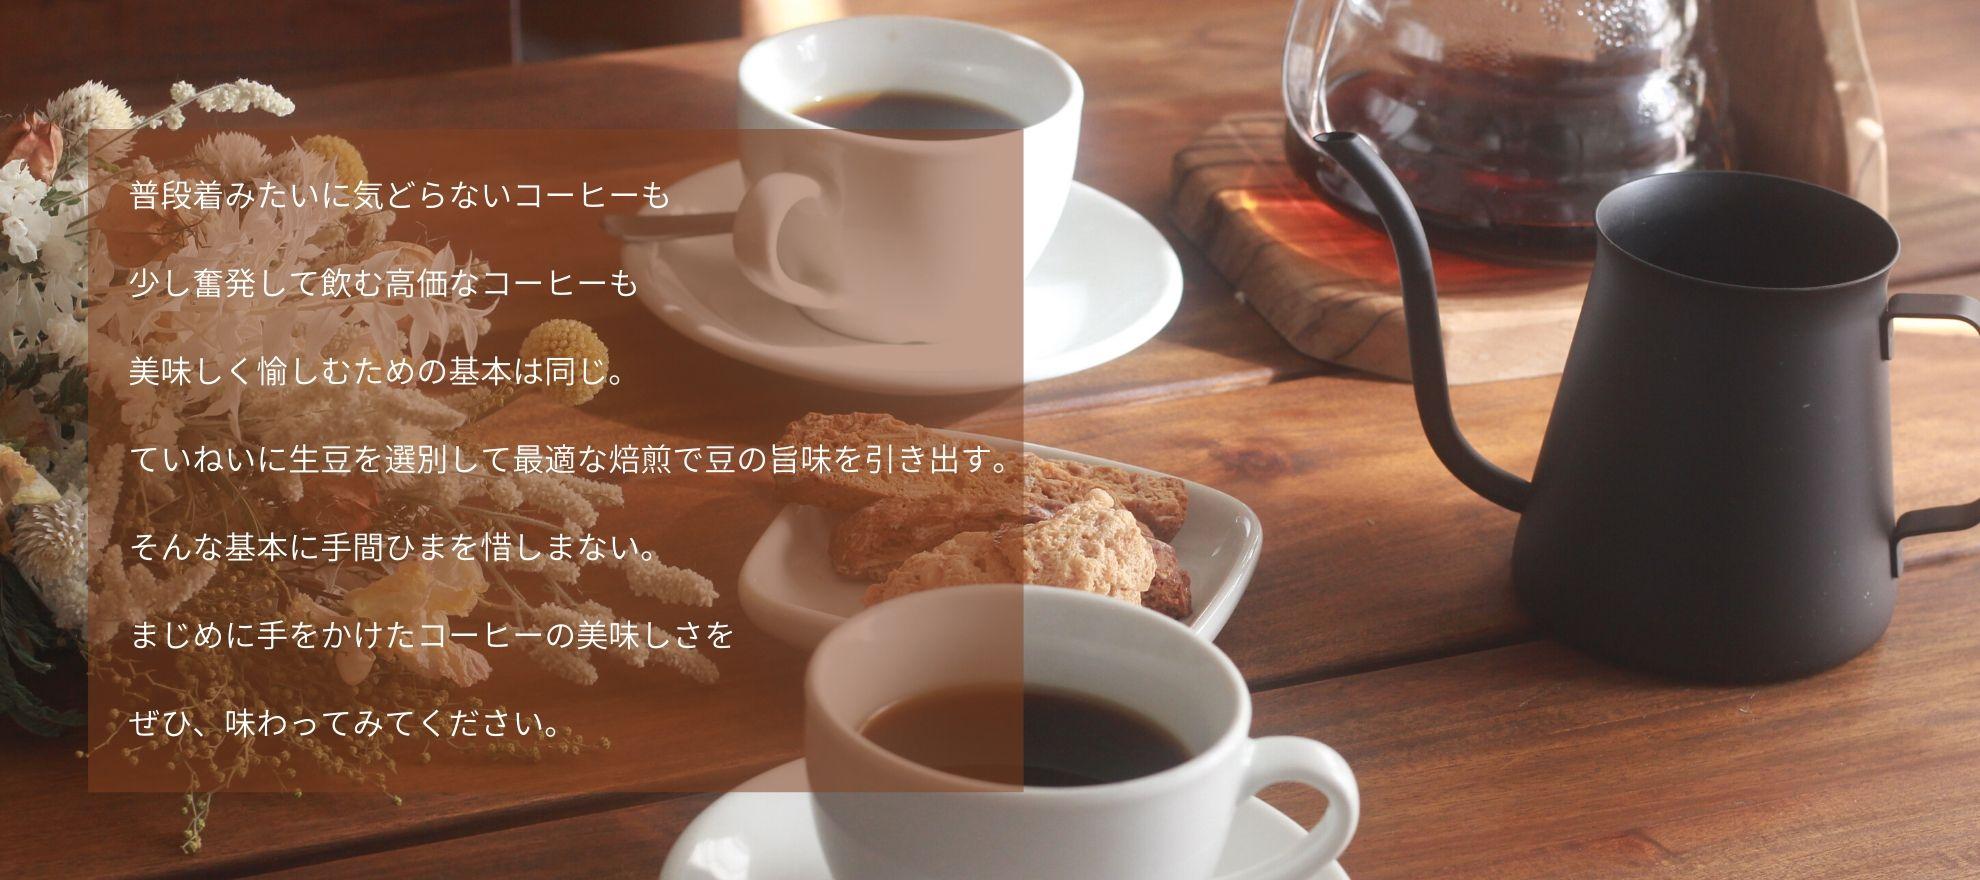 チャオッペ*自家焙煎コーヒー豆とコーヒーギフトの販売紹介画像2